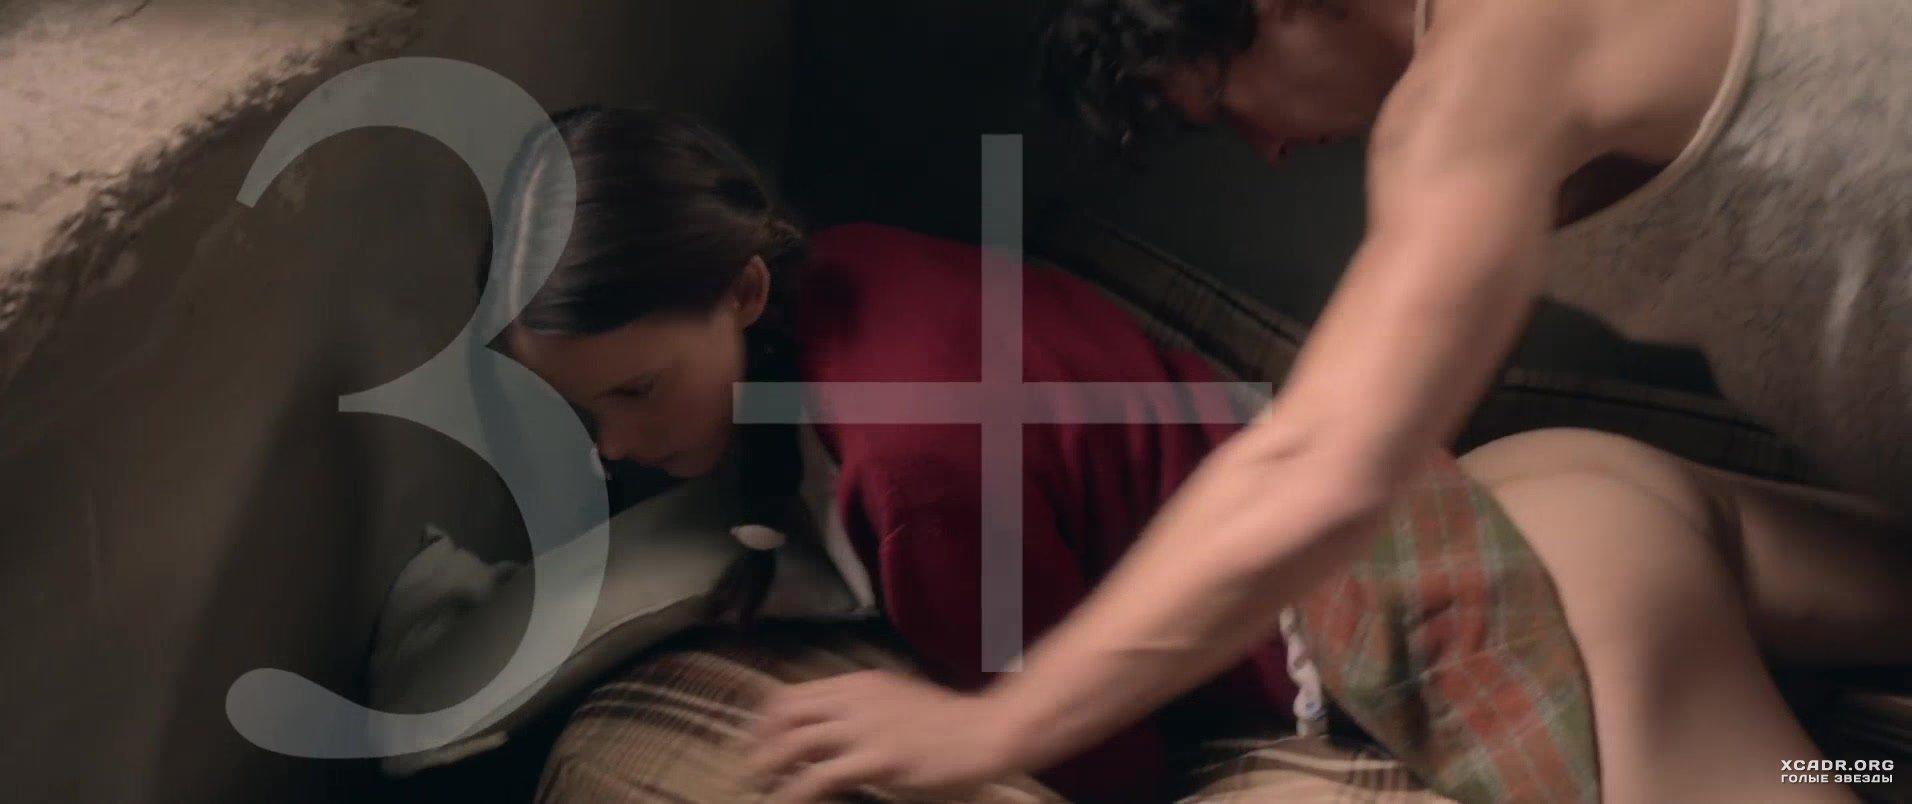 Нимфоманки в фильмах порно